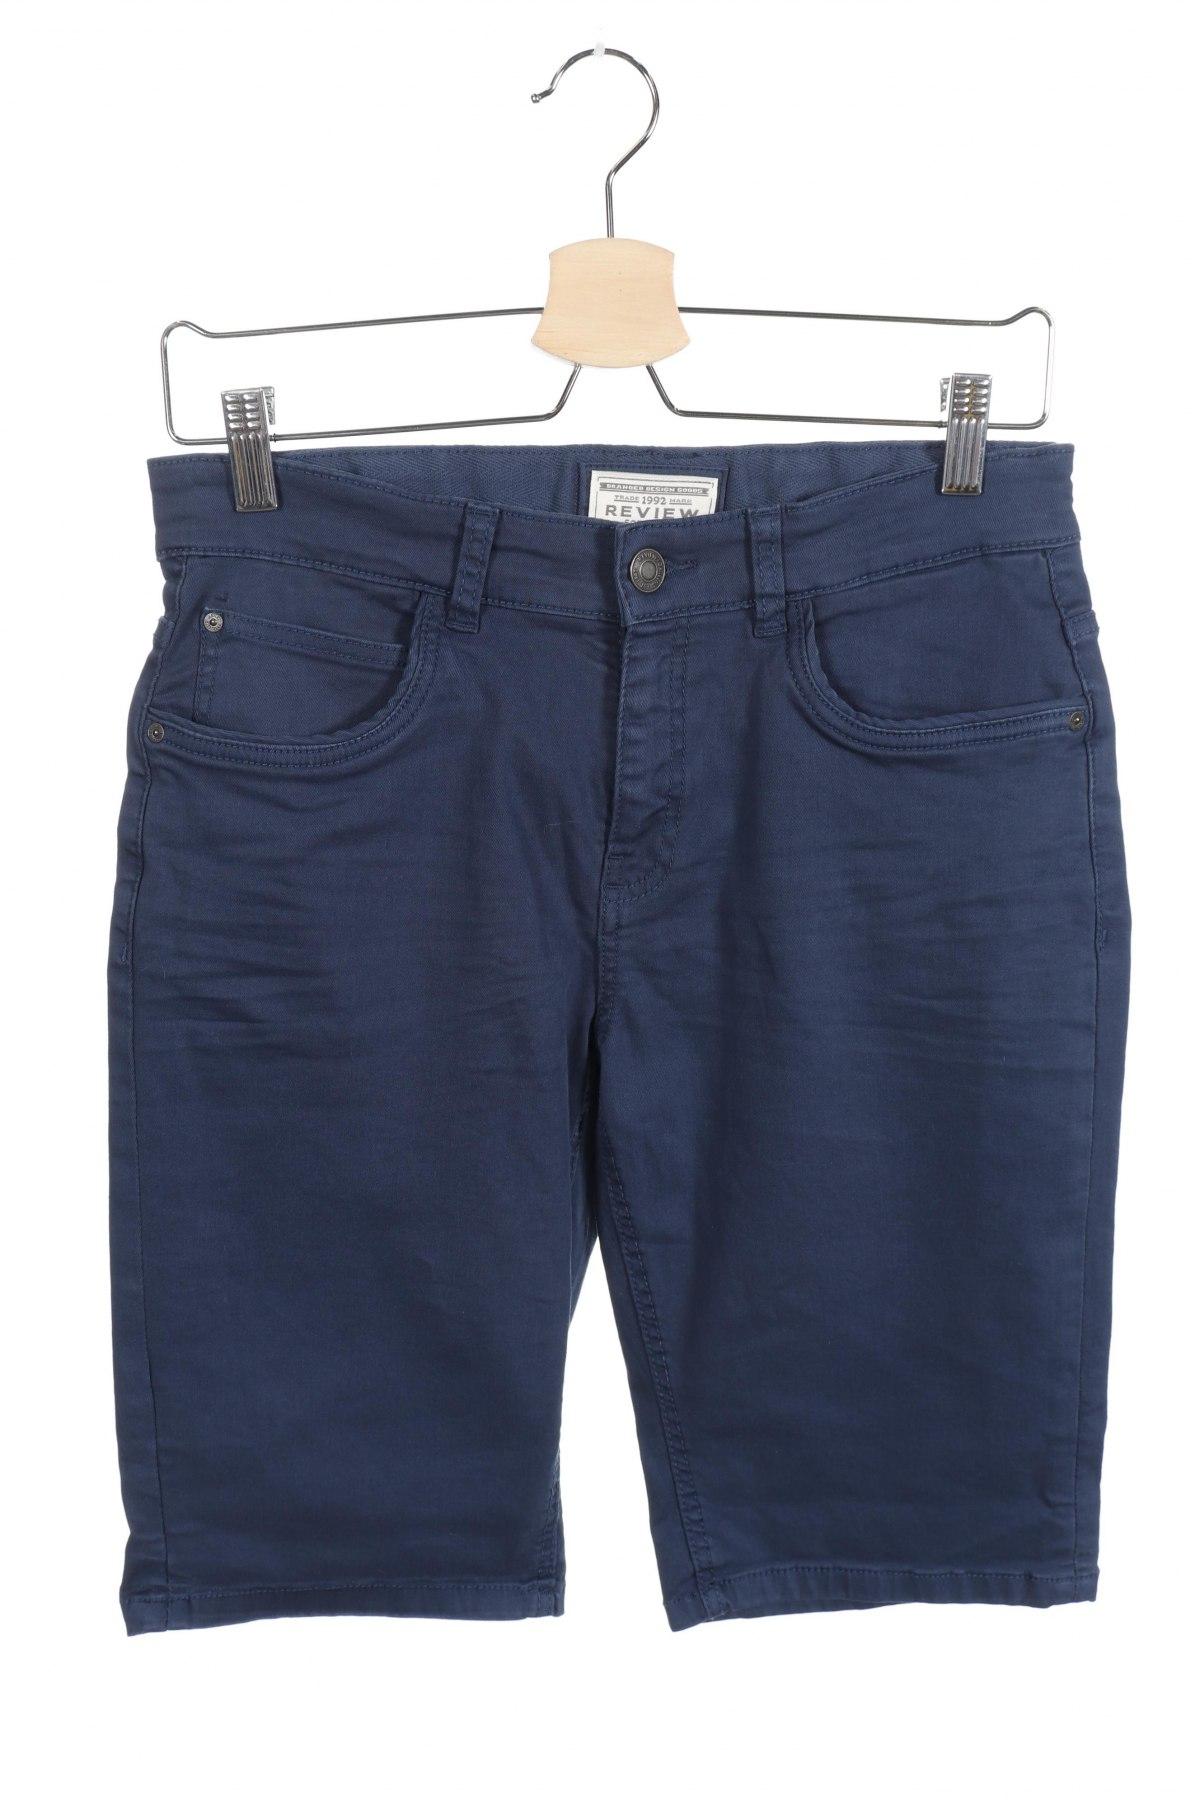 Παιδικό κοντό παντελόνι Review, Μέγεθος 15-18y/ 170-176 εκ., Χρώμα Μπλέ, 97% βαμβάκι, 3% ελαστάνη, Τιμή 12,80€